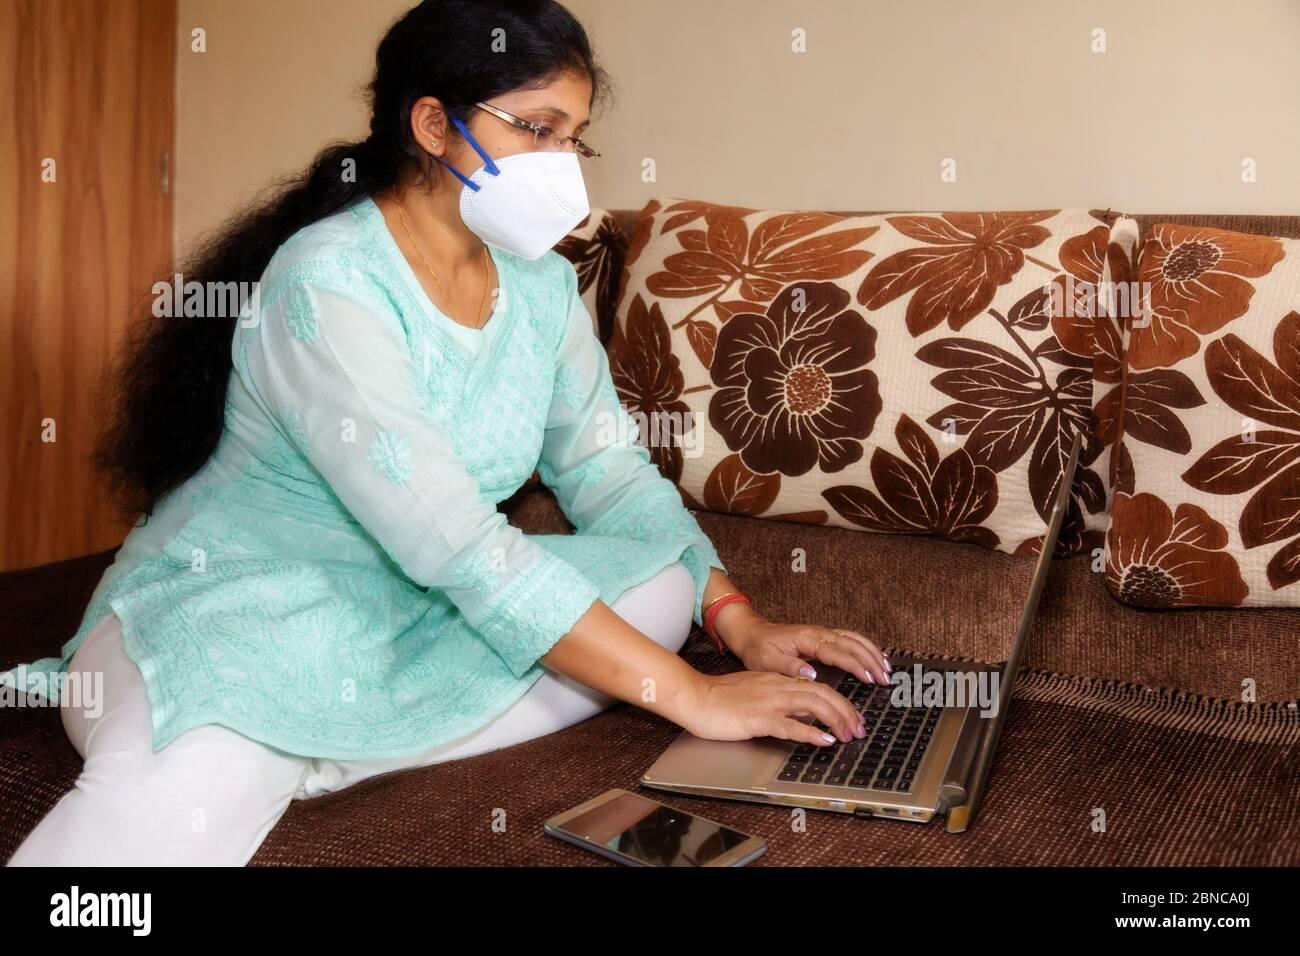 Indische Frau in schützenden Gesichtsmaske Arbeit von zu Hause aus während Coronavirus Sperre nach unten Stockfoto